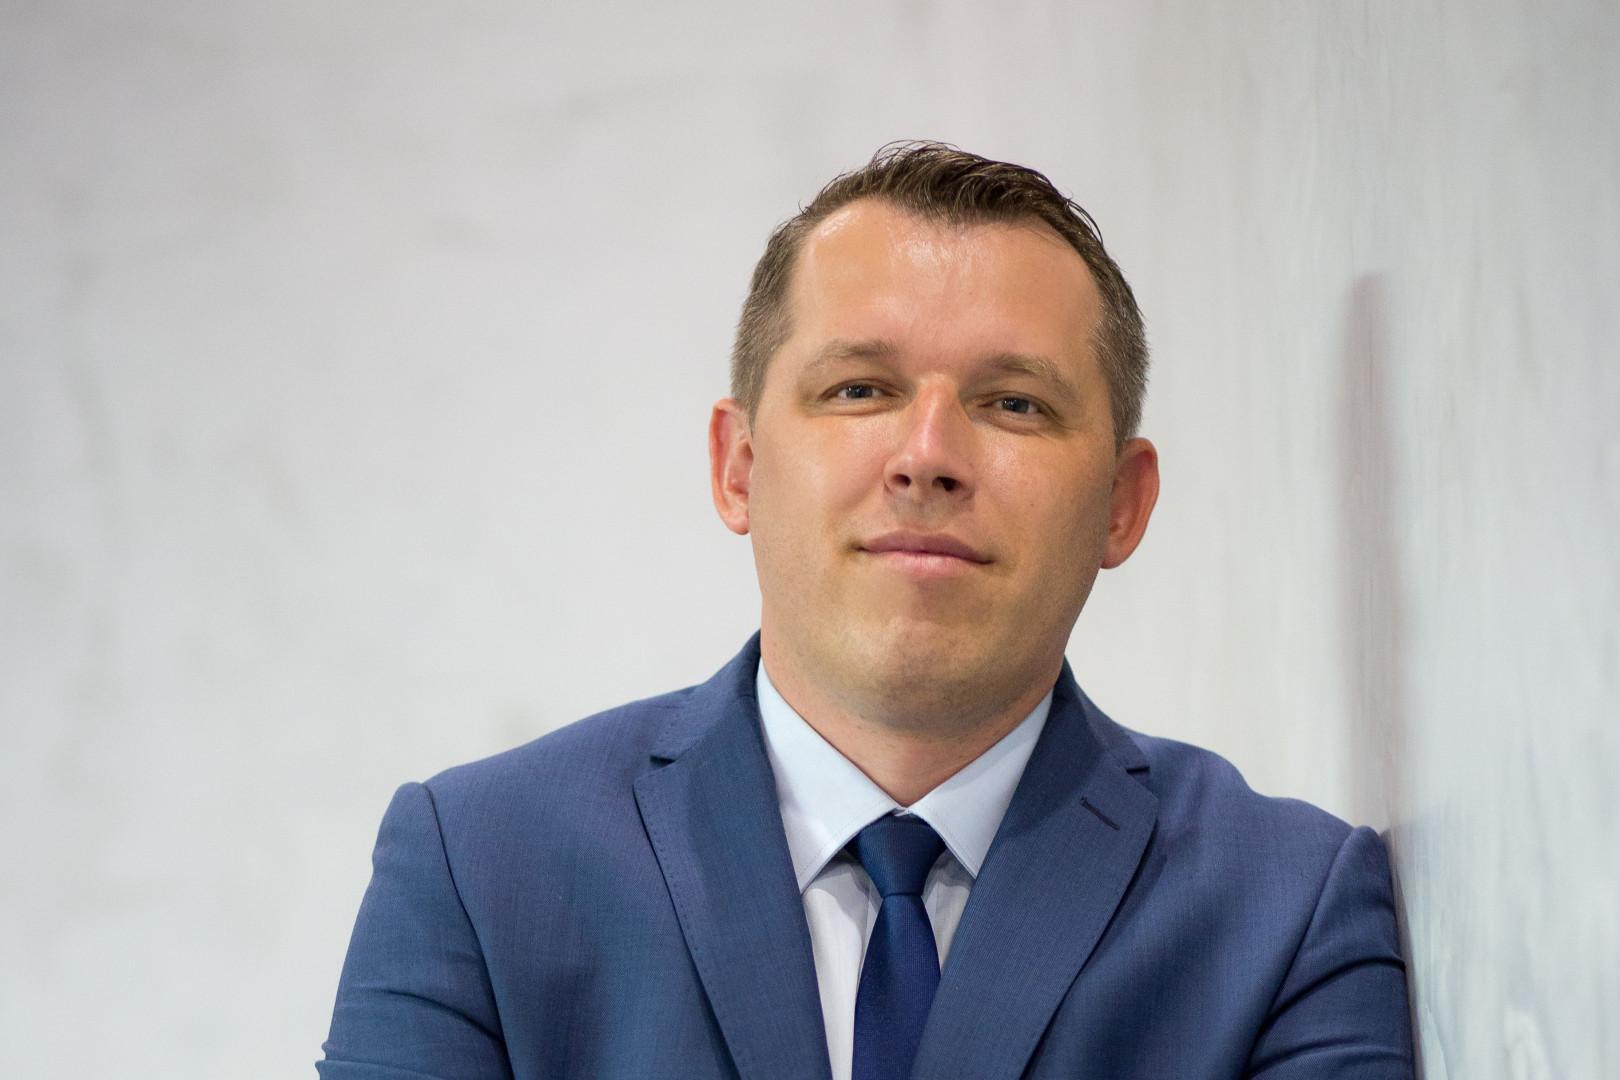 Artur Niewęgłowski